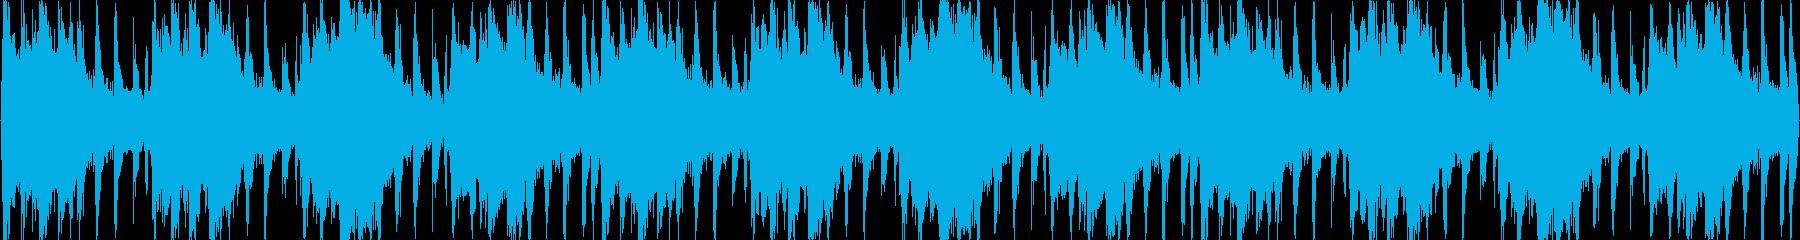 おしゃれなピアノの再生済みの波形